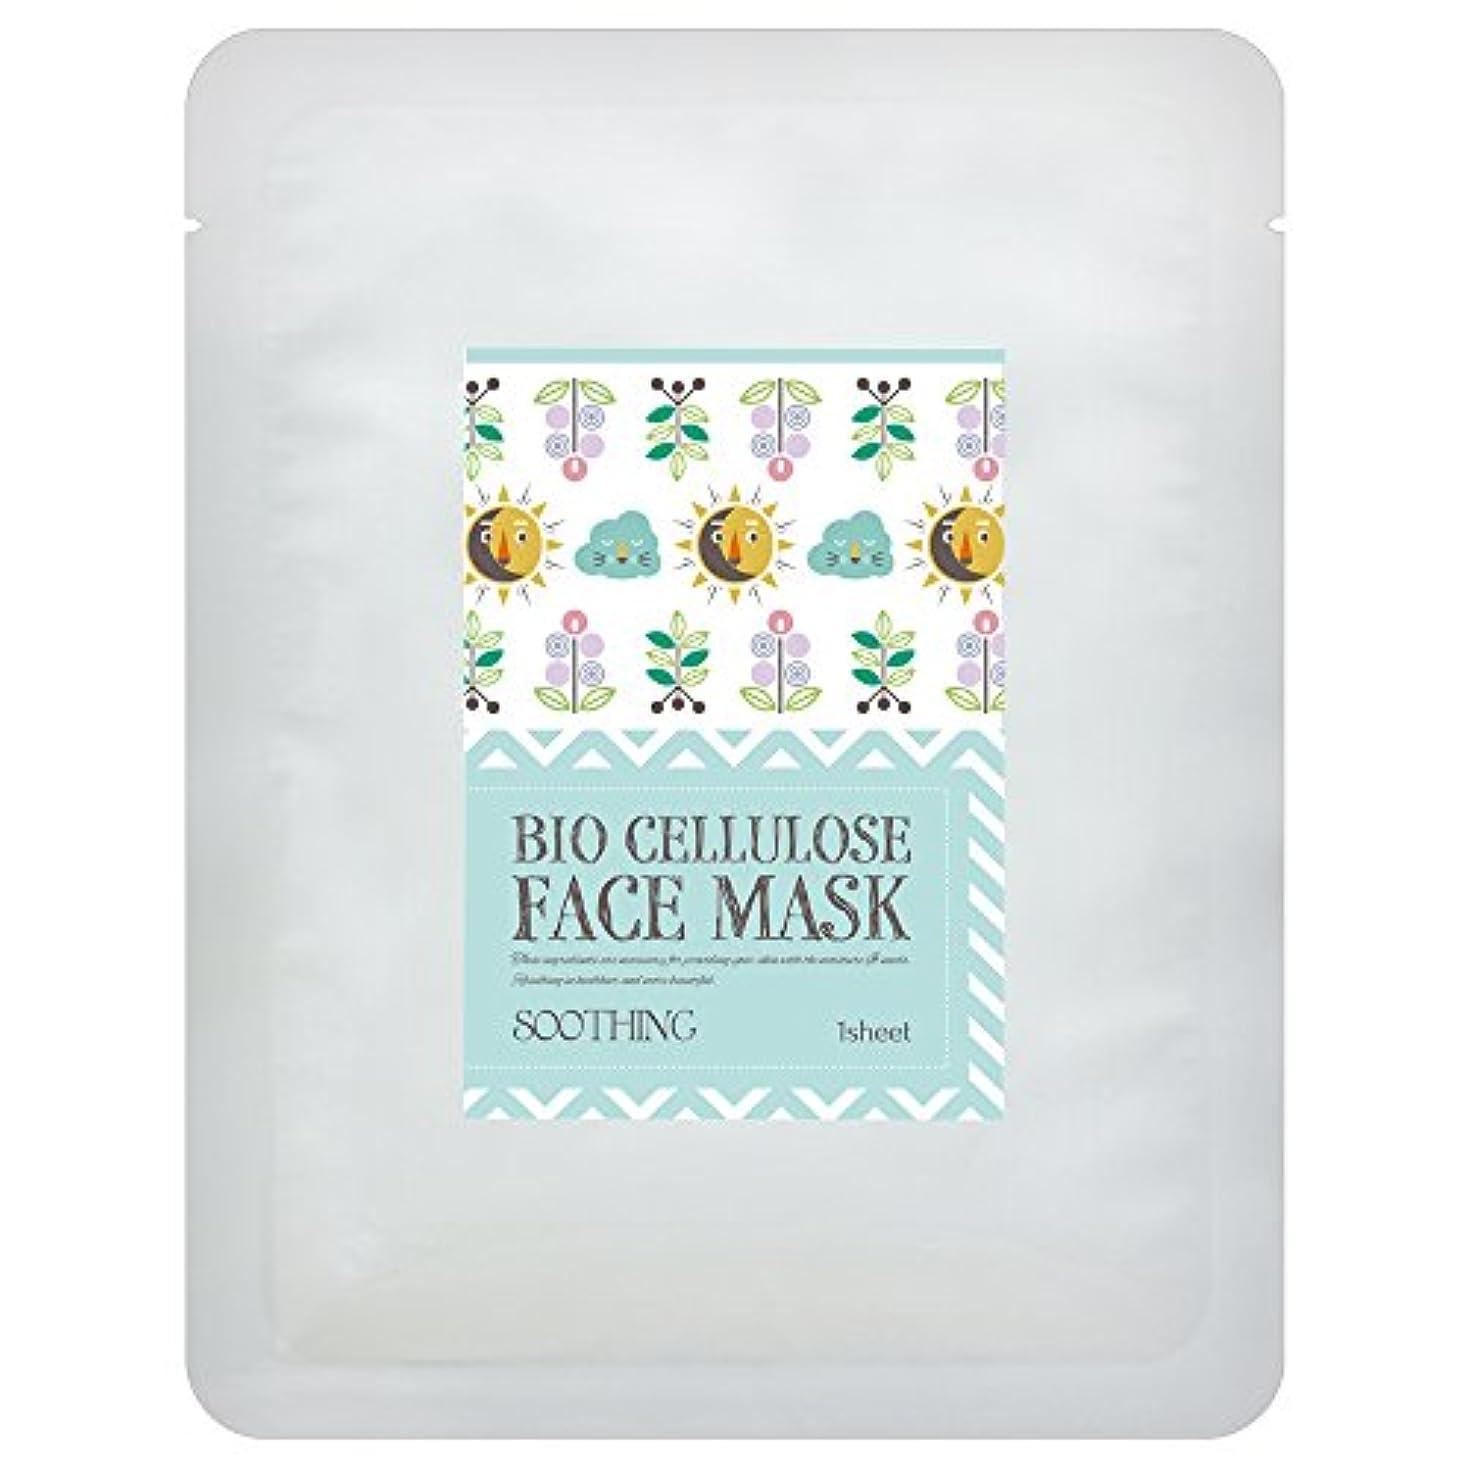 ラグ極めて相関する日本製バイオセルロース フェイスマスク SOOTHING(引き締め) 1枚